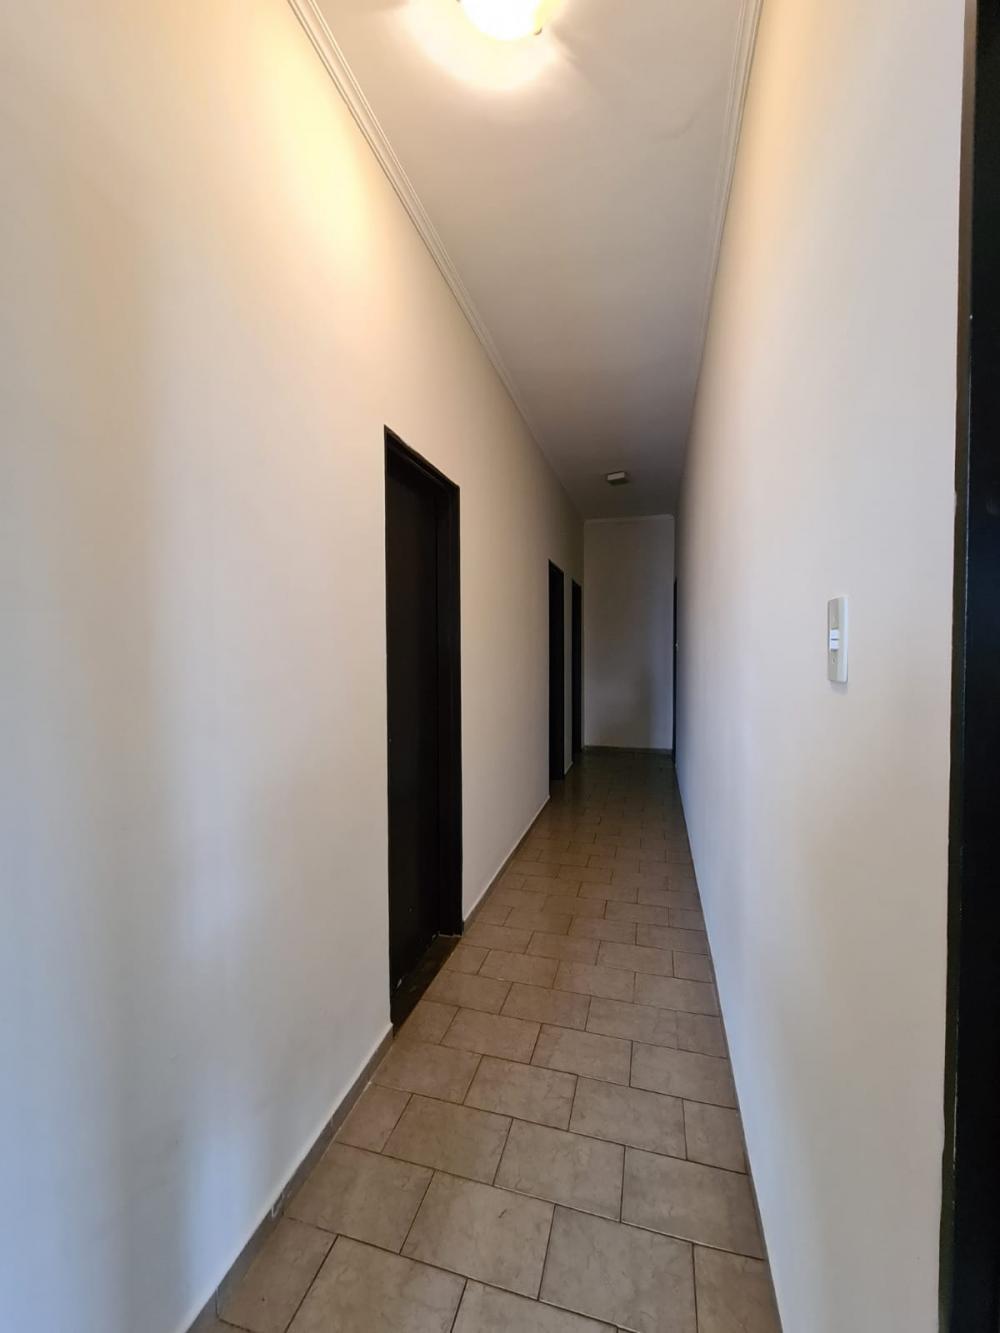 Alugar Casa / Padrão em Ribeirão Preto R$ 1.600,00 - Foto 21